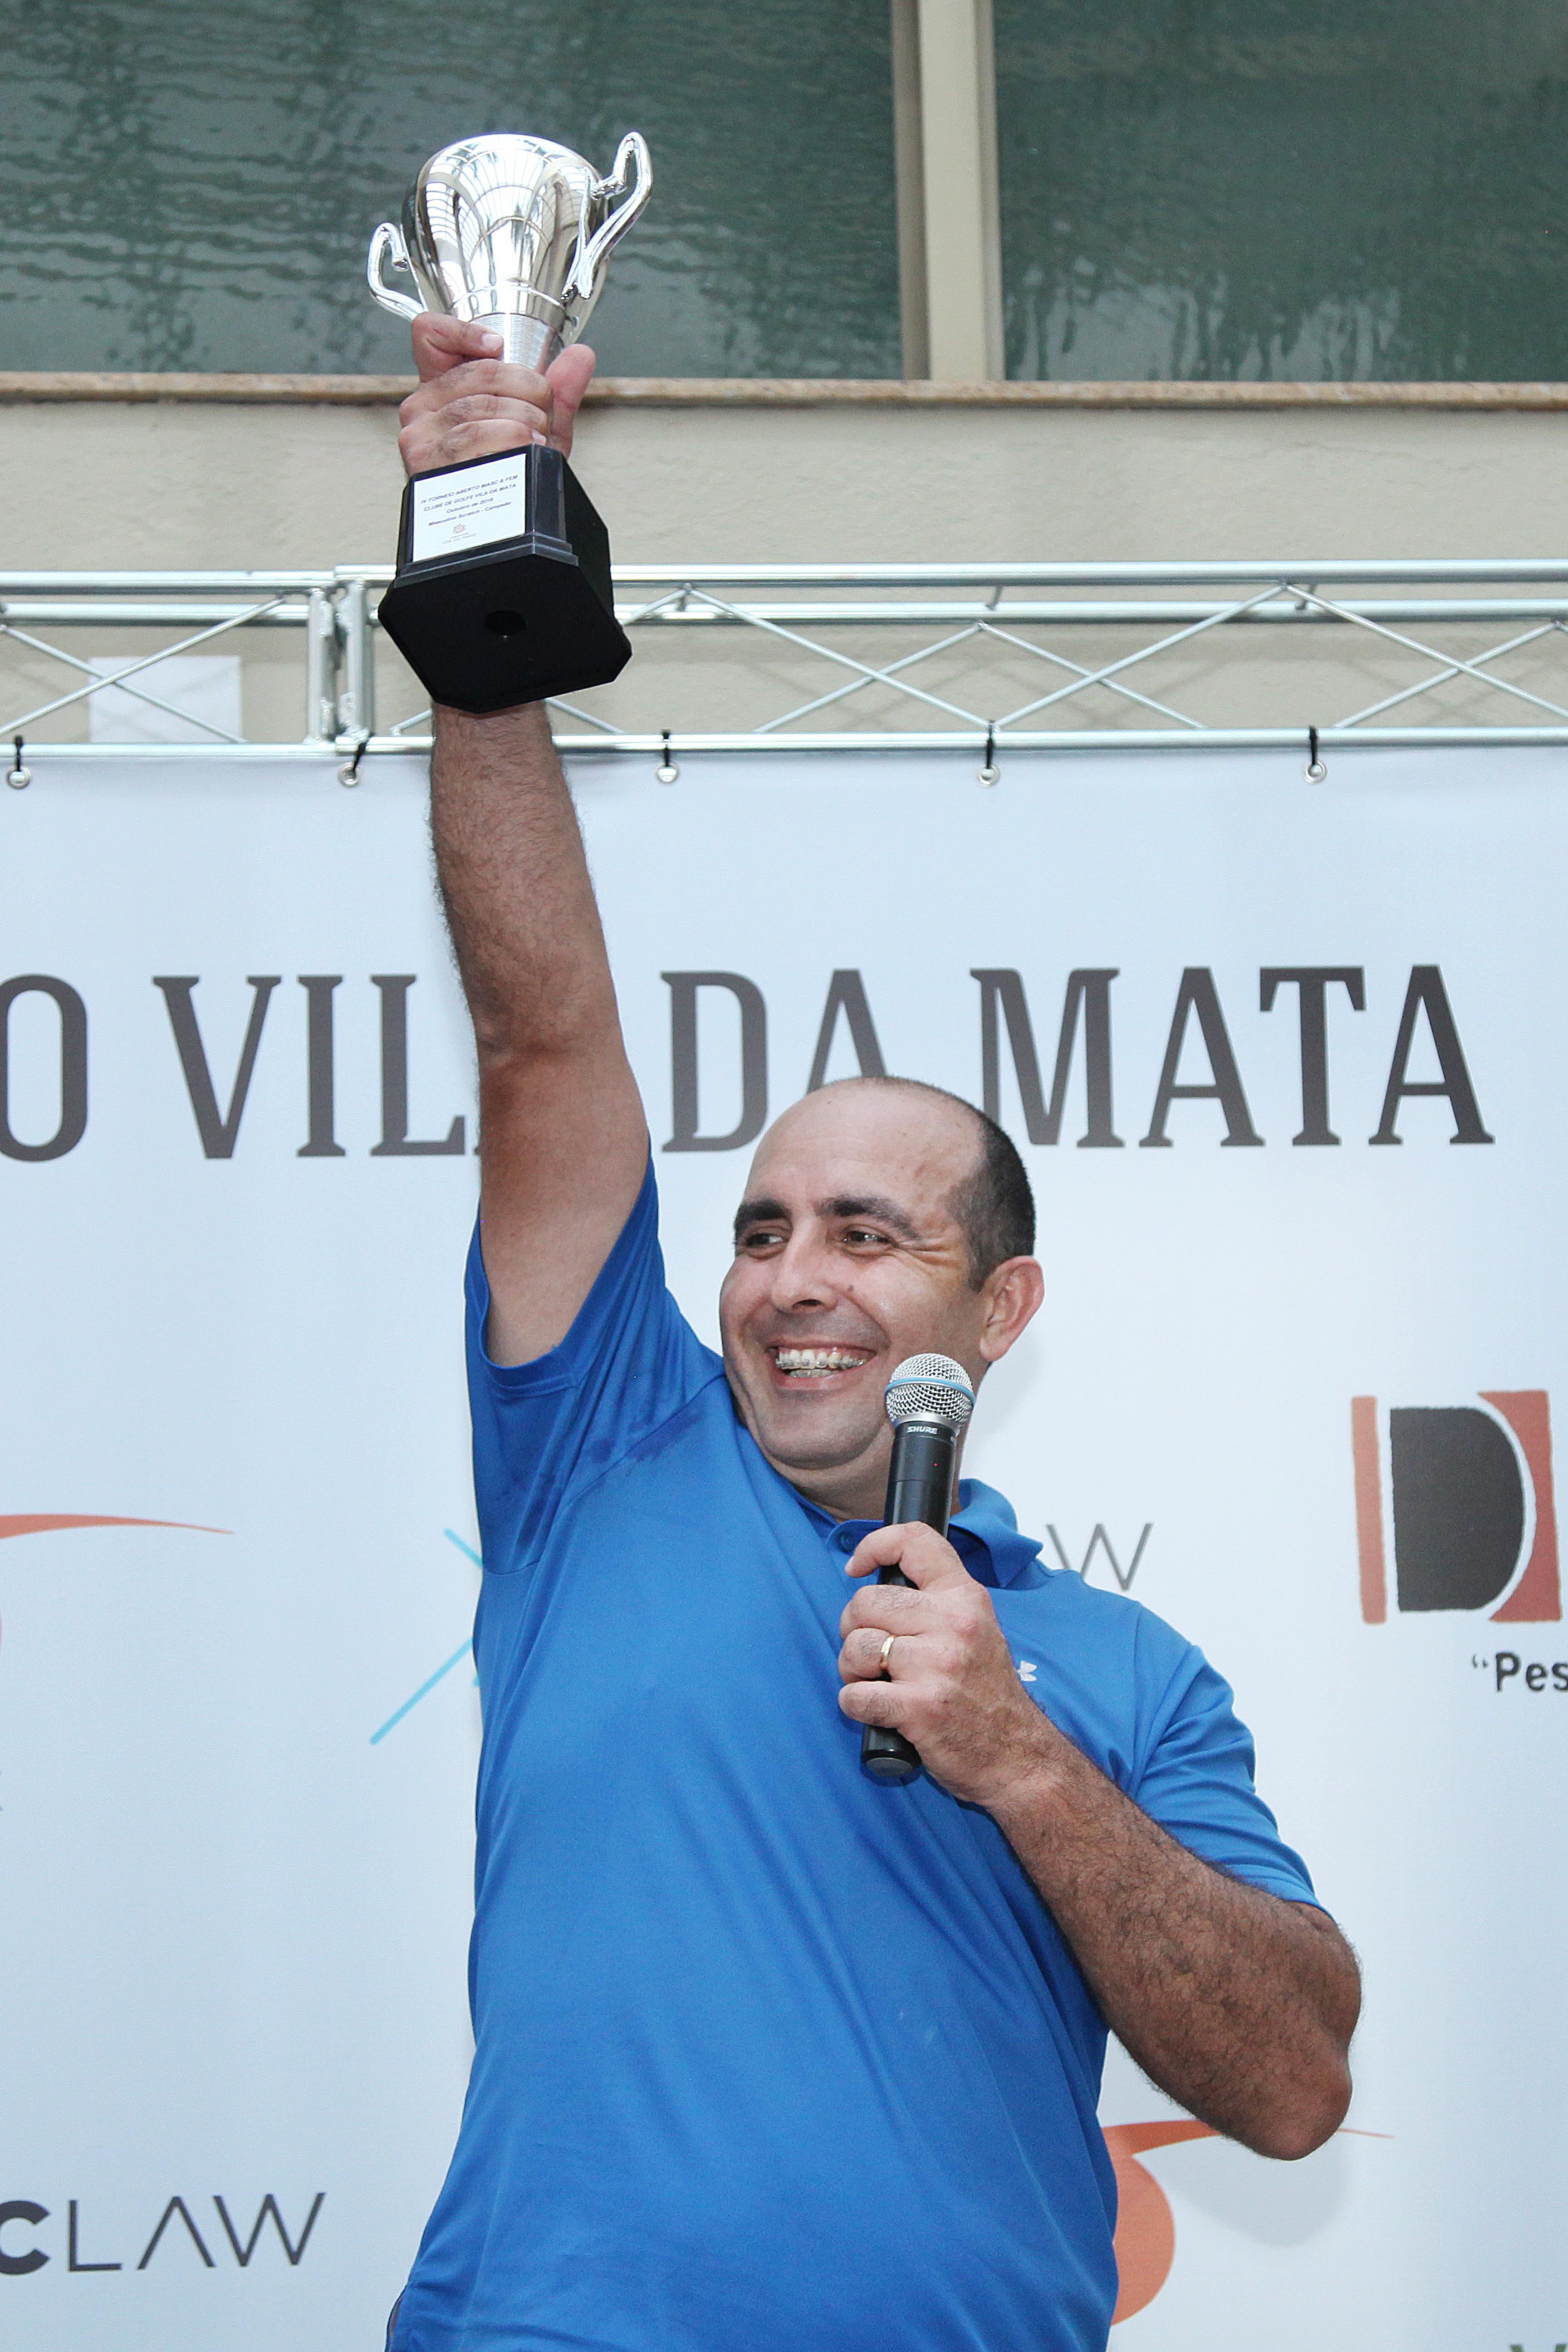 Abner Siqueira é o campeão do 4º Torneio Aberto do Clube de Golfe Vila da Mata